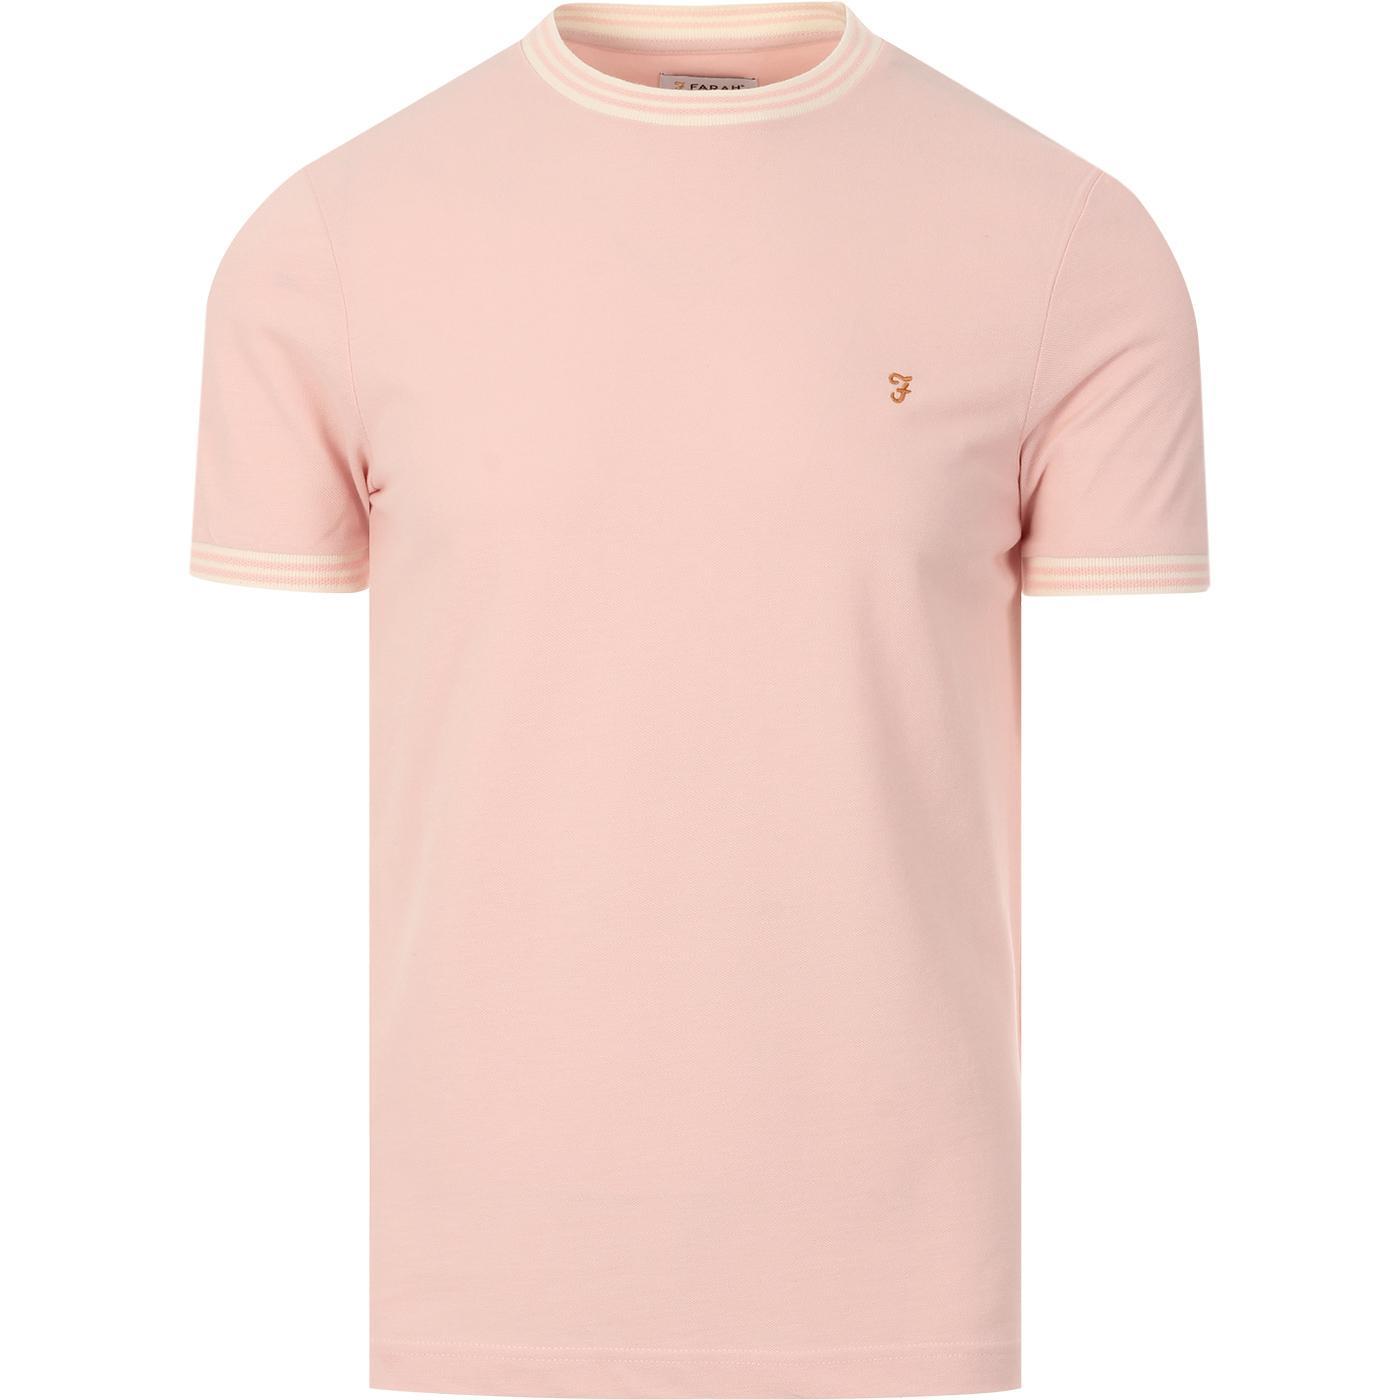 Texas FARAH Retro Mod Tipped Pique T-shirt (CP)